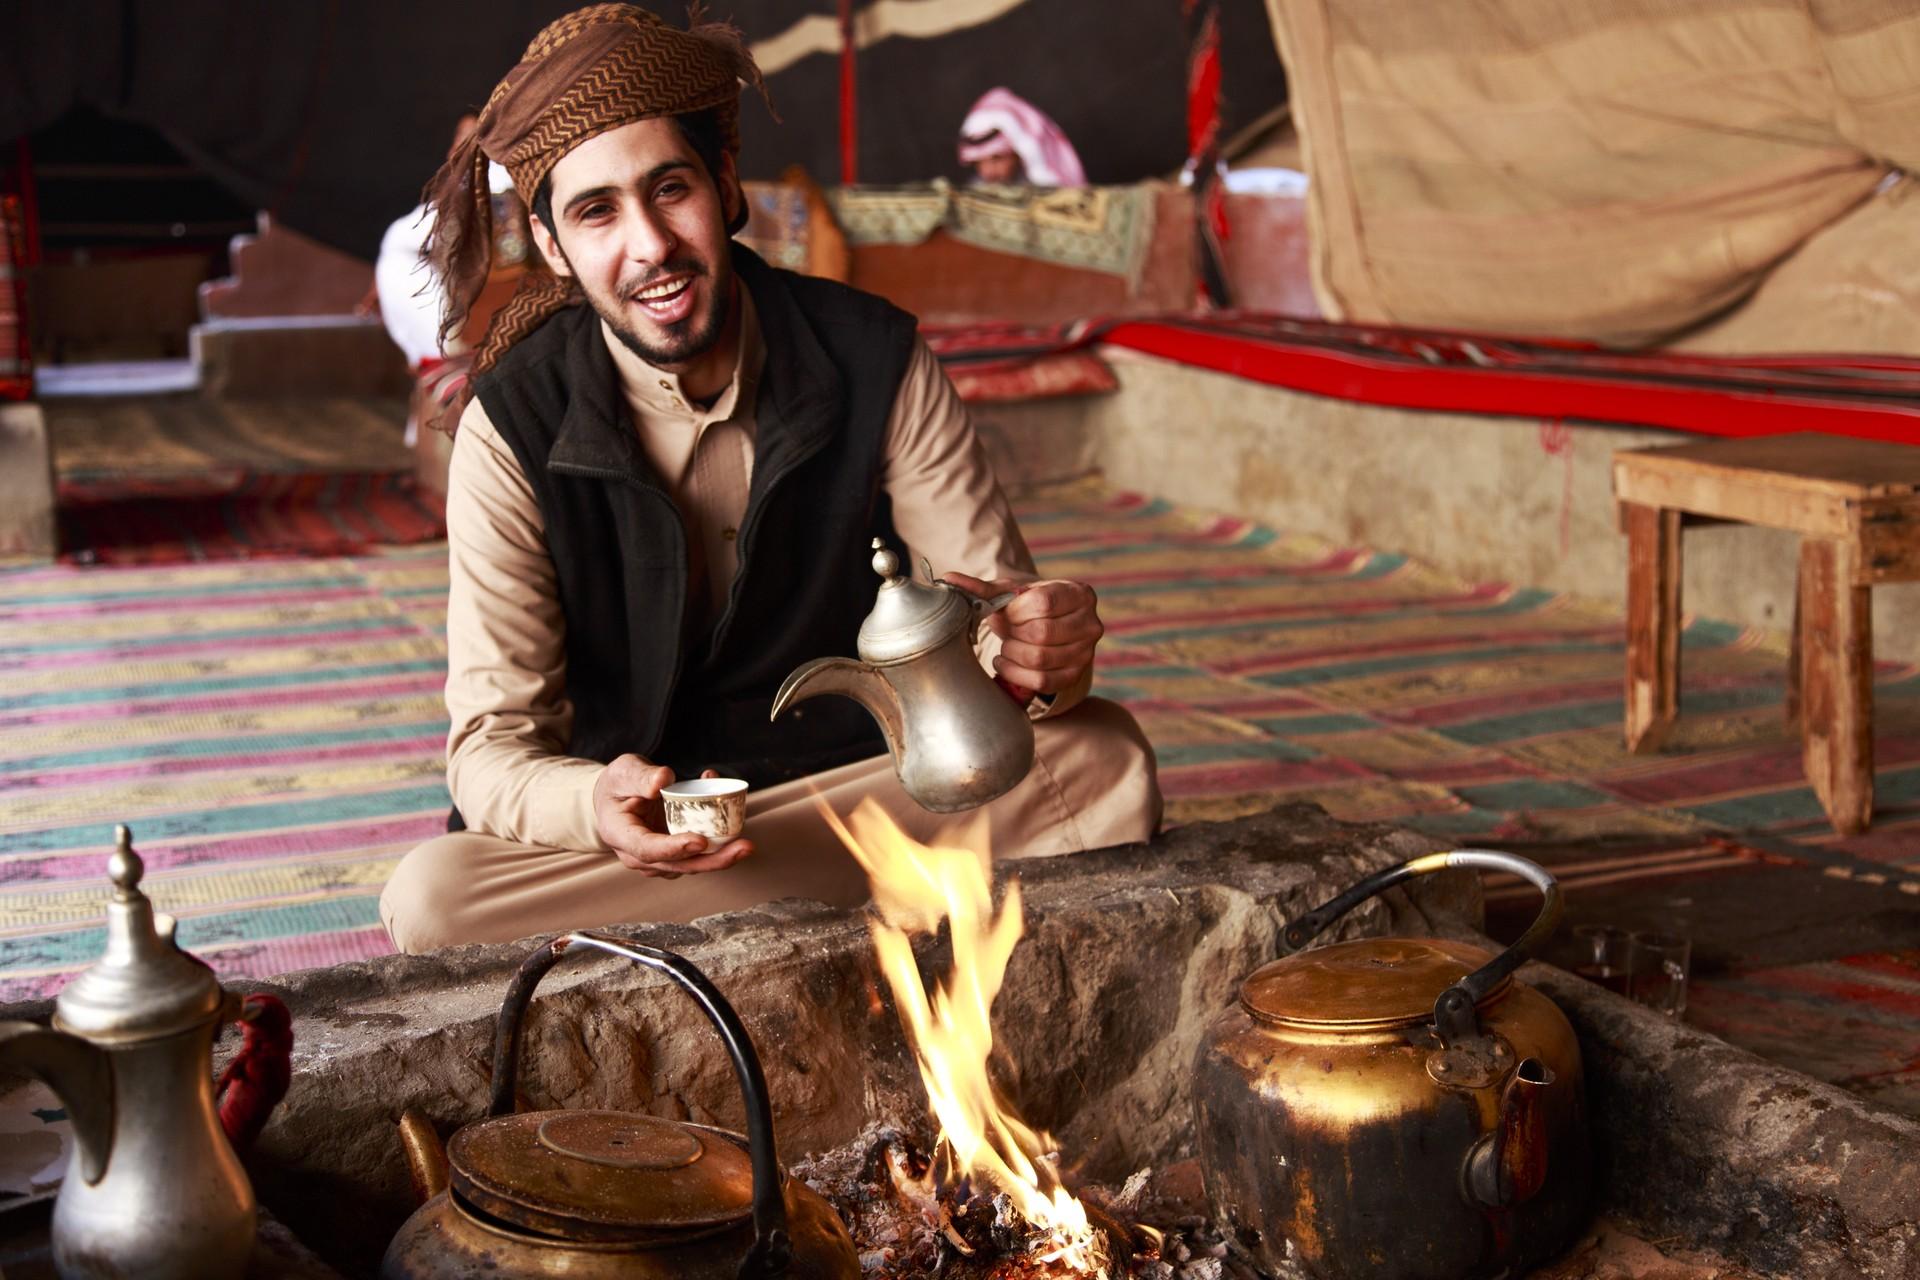 Bedouin man in traditional tent in Jordan